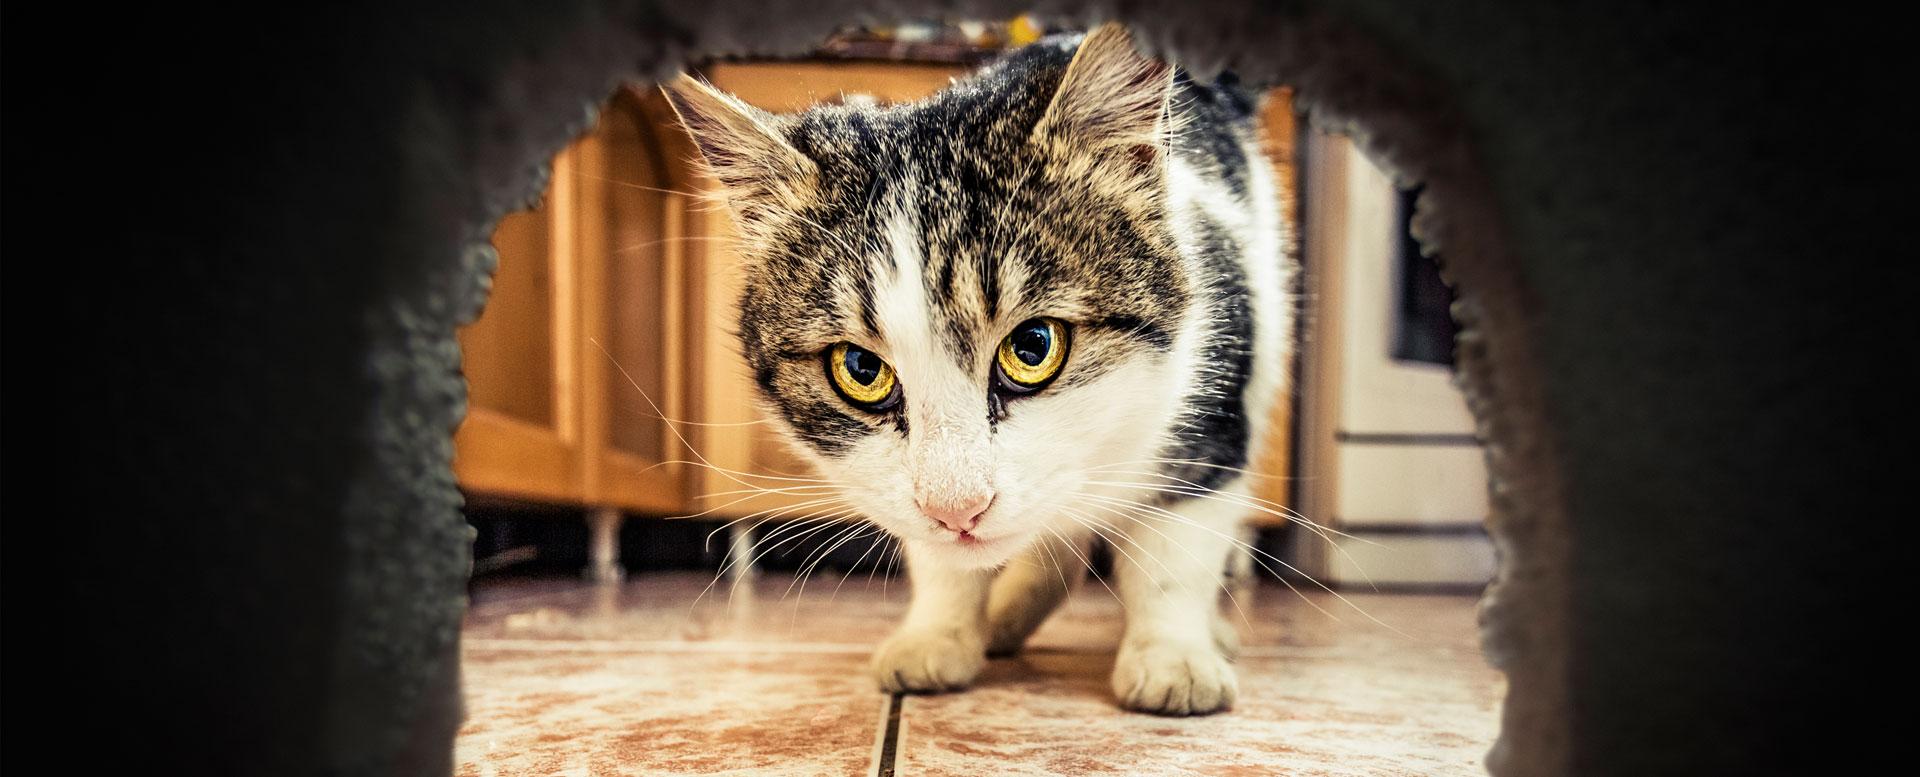 Das hilft gegen Mäuse im Haus